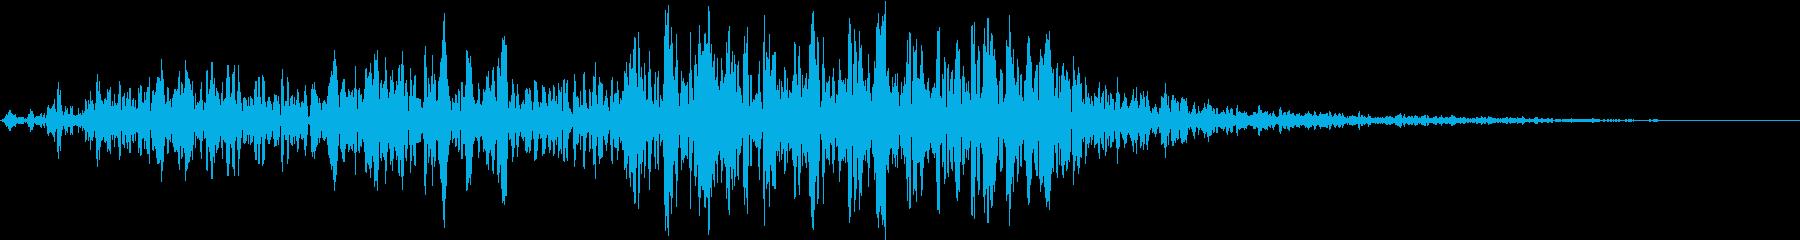 【生録音】フラミンゴの鳴き声 12の再生済みの波形